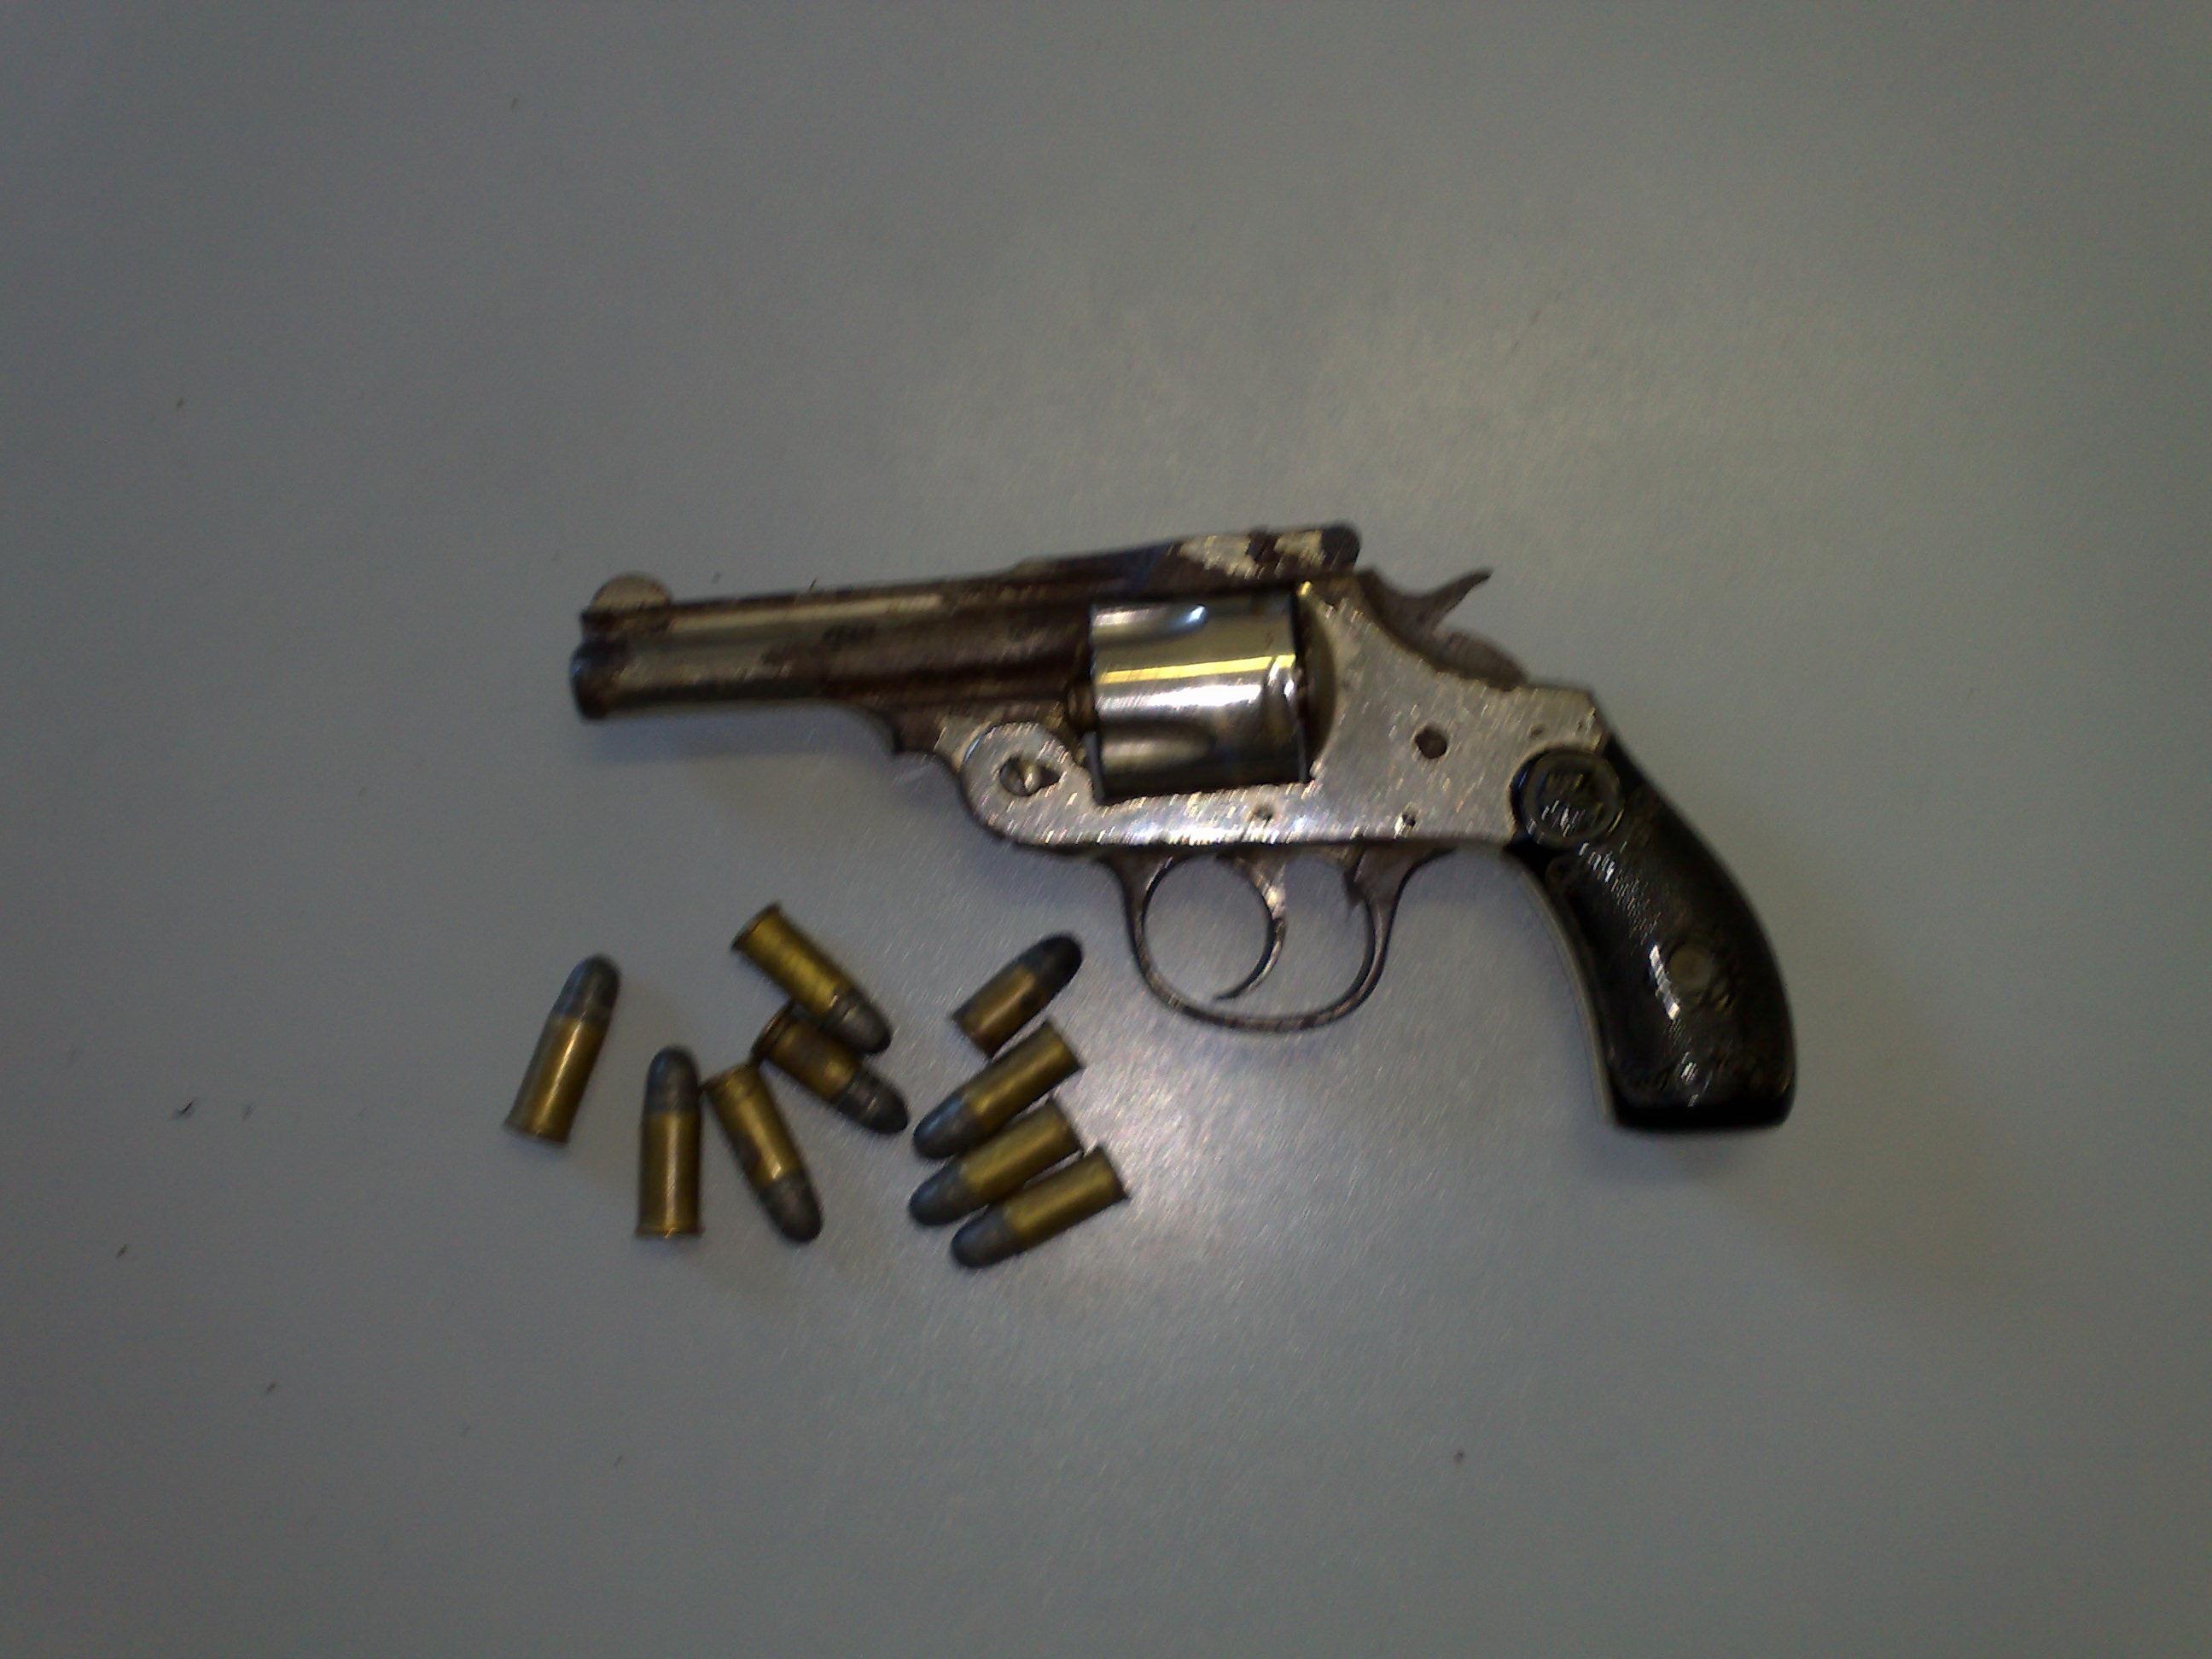 La pistola e le munizioni trovate in casa